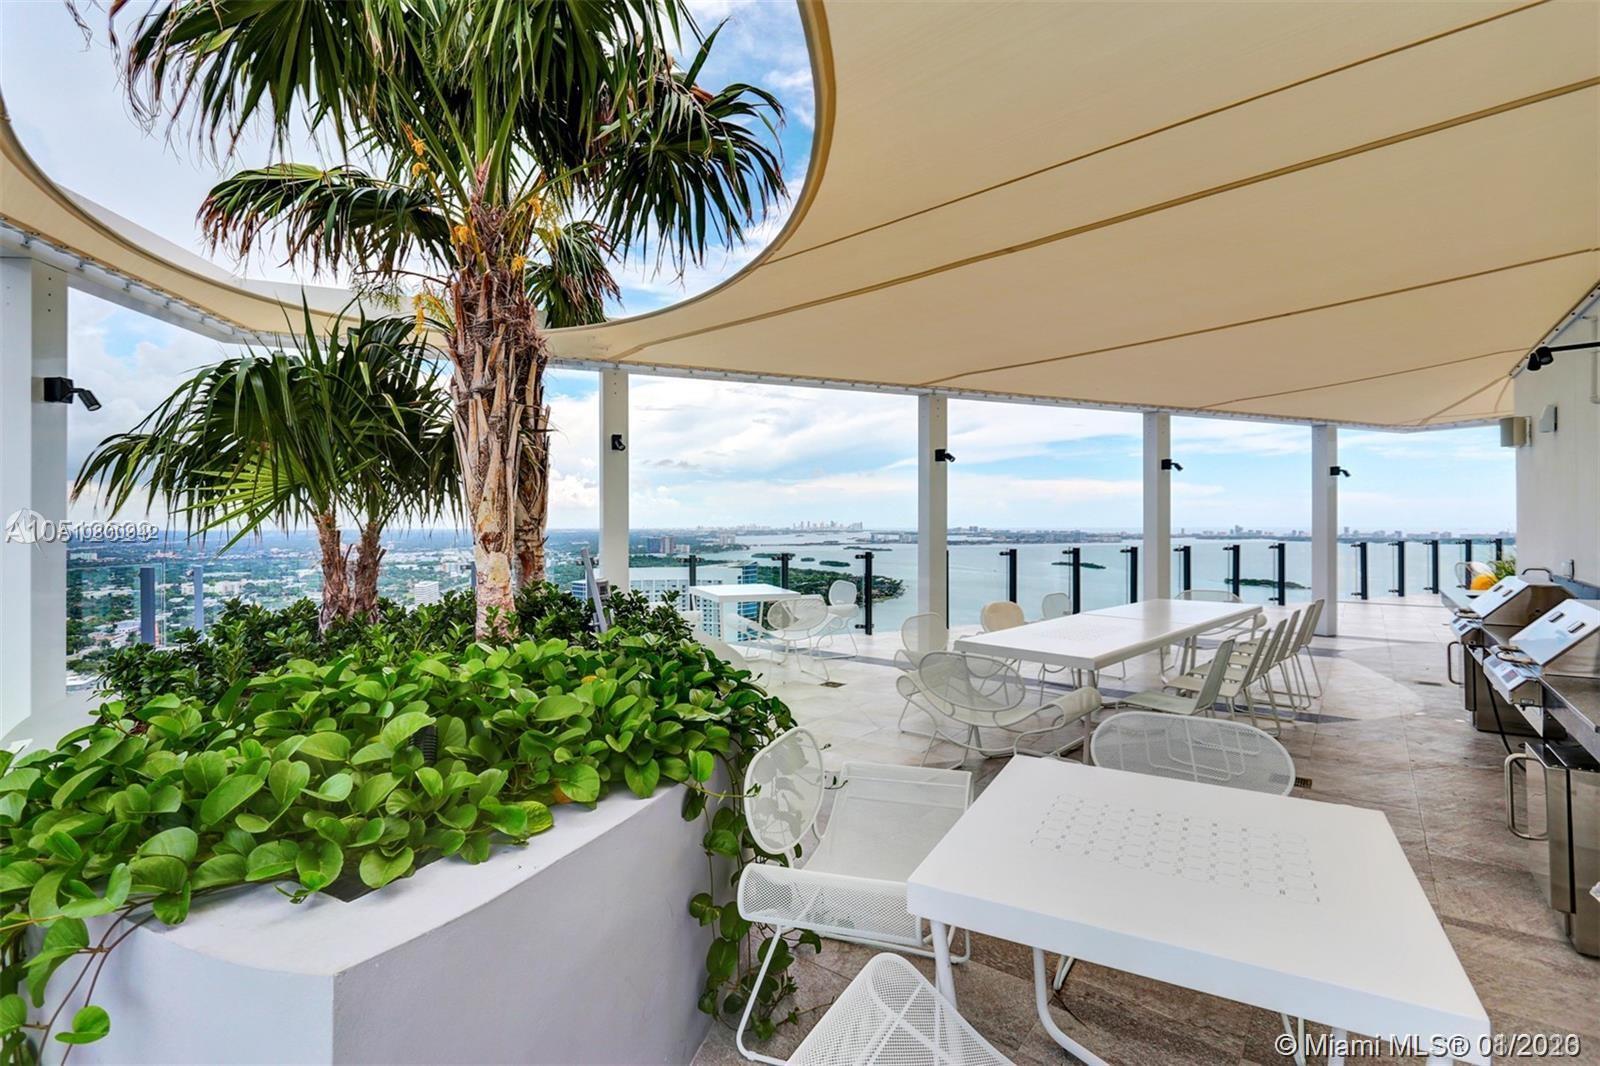 501 NE 31 # 403, Miami, Florida 33137, 1 Bedroom Bedrooms, ,2 BathroomsBathrooms,Residential,For Sale,501 NE 31 # 403,A10800942